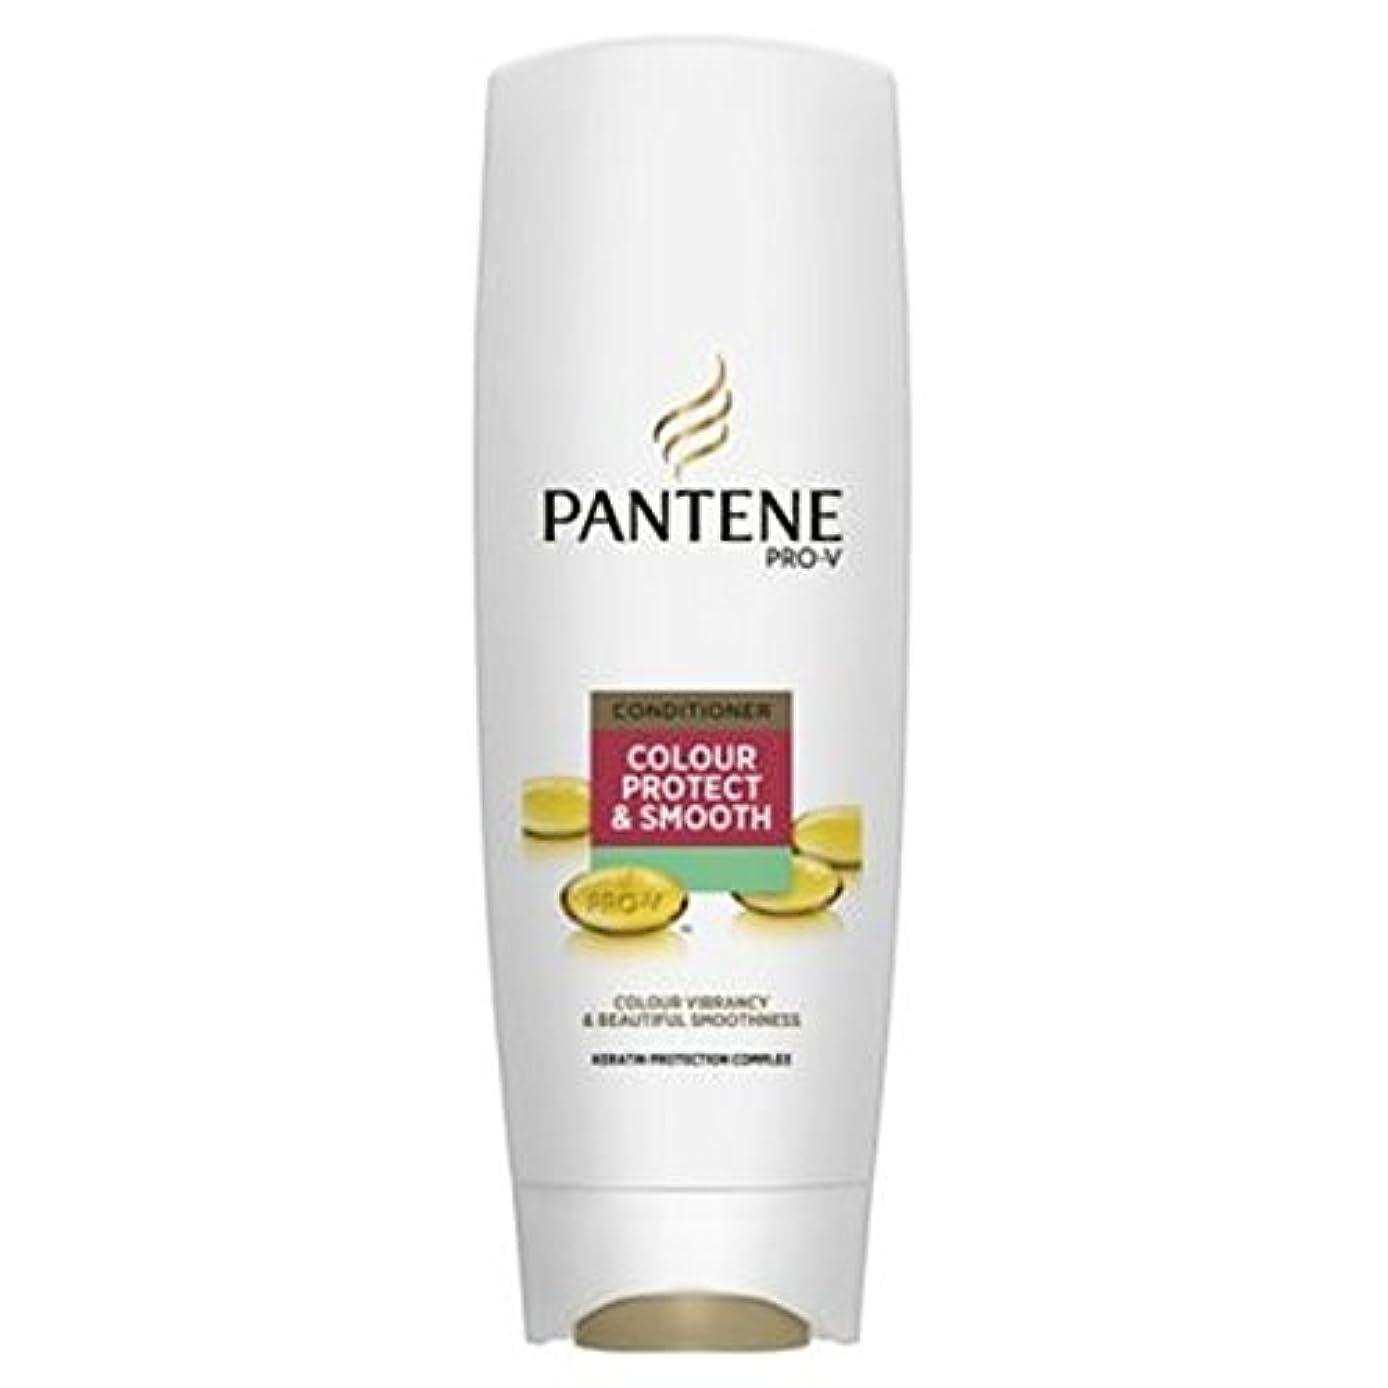 情熱豊富なしでパンテーンプロVの色保護&スムーズコンディショナー360ミリリットル (Pantene) (x2) - Pantene Pro-V Colour Protect & Smooth Conditioner 360ml (Pack...